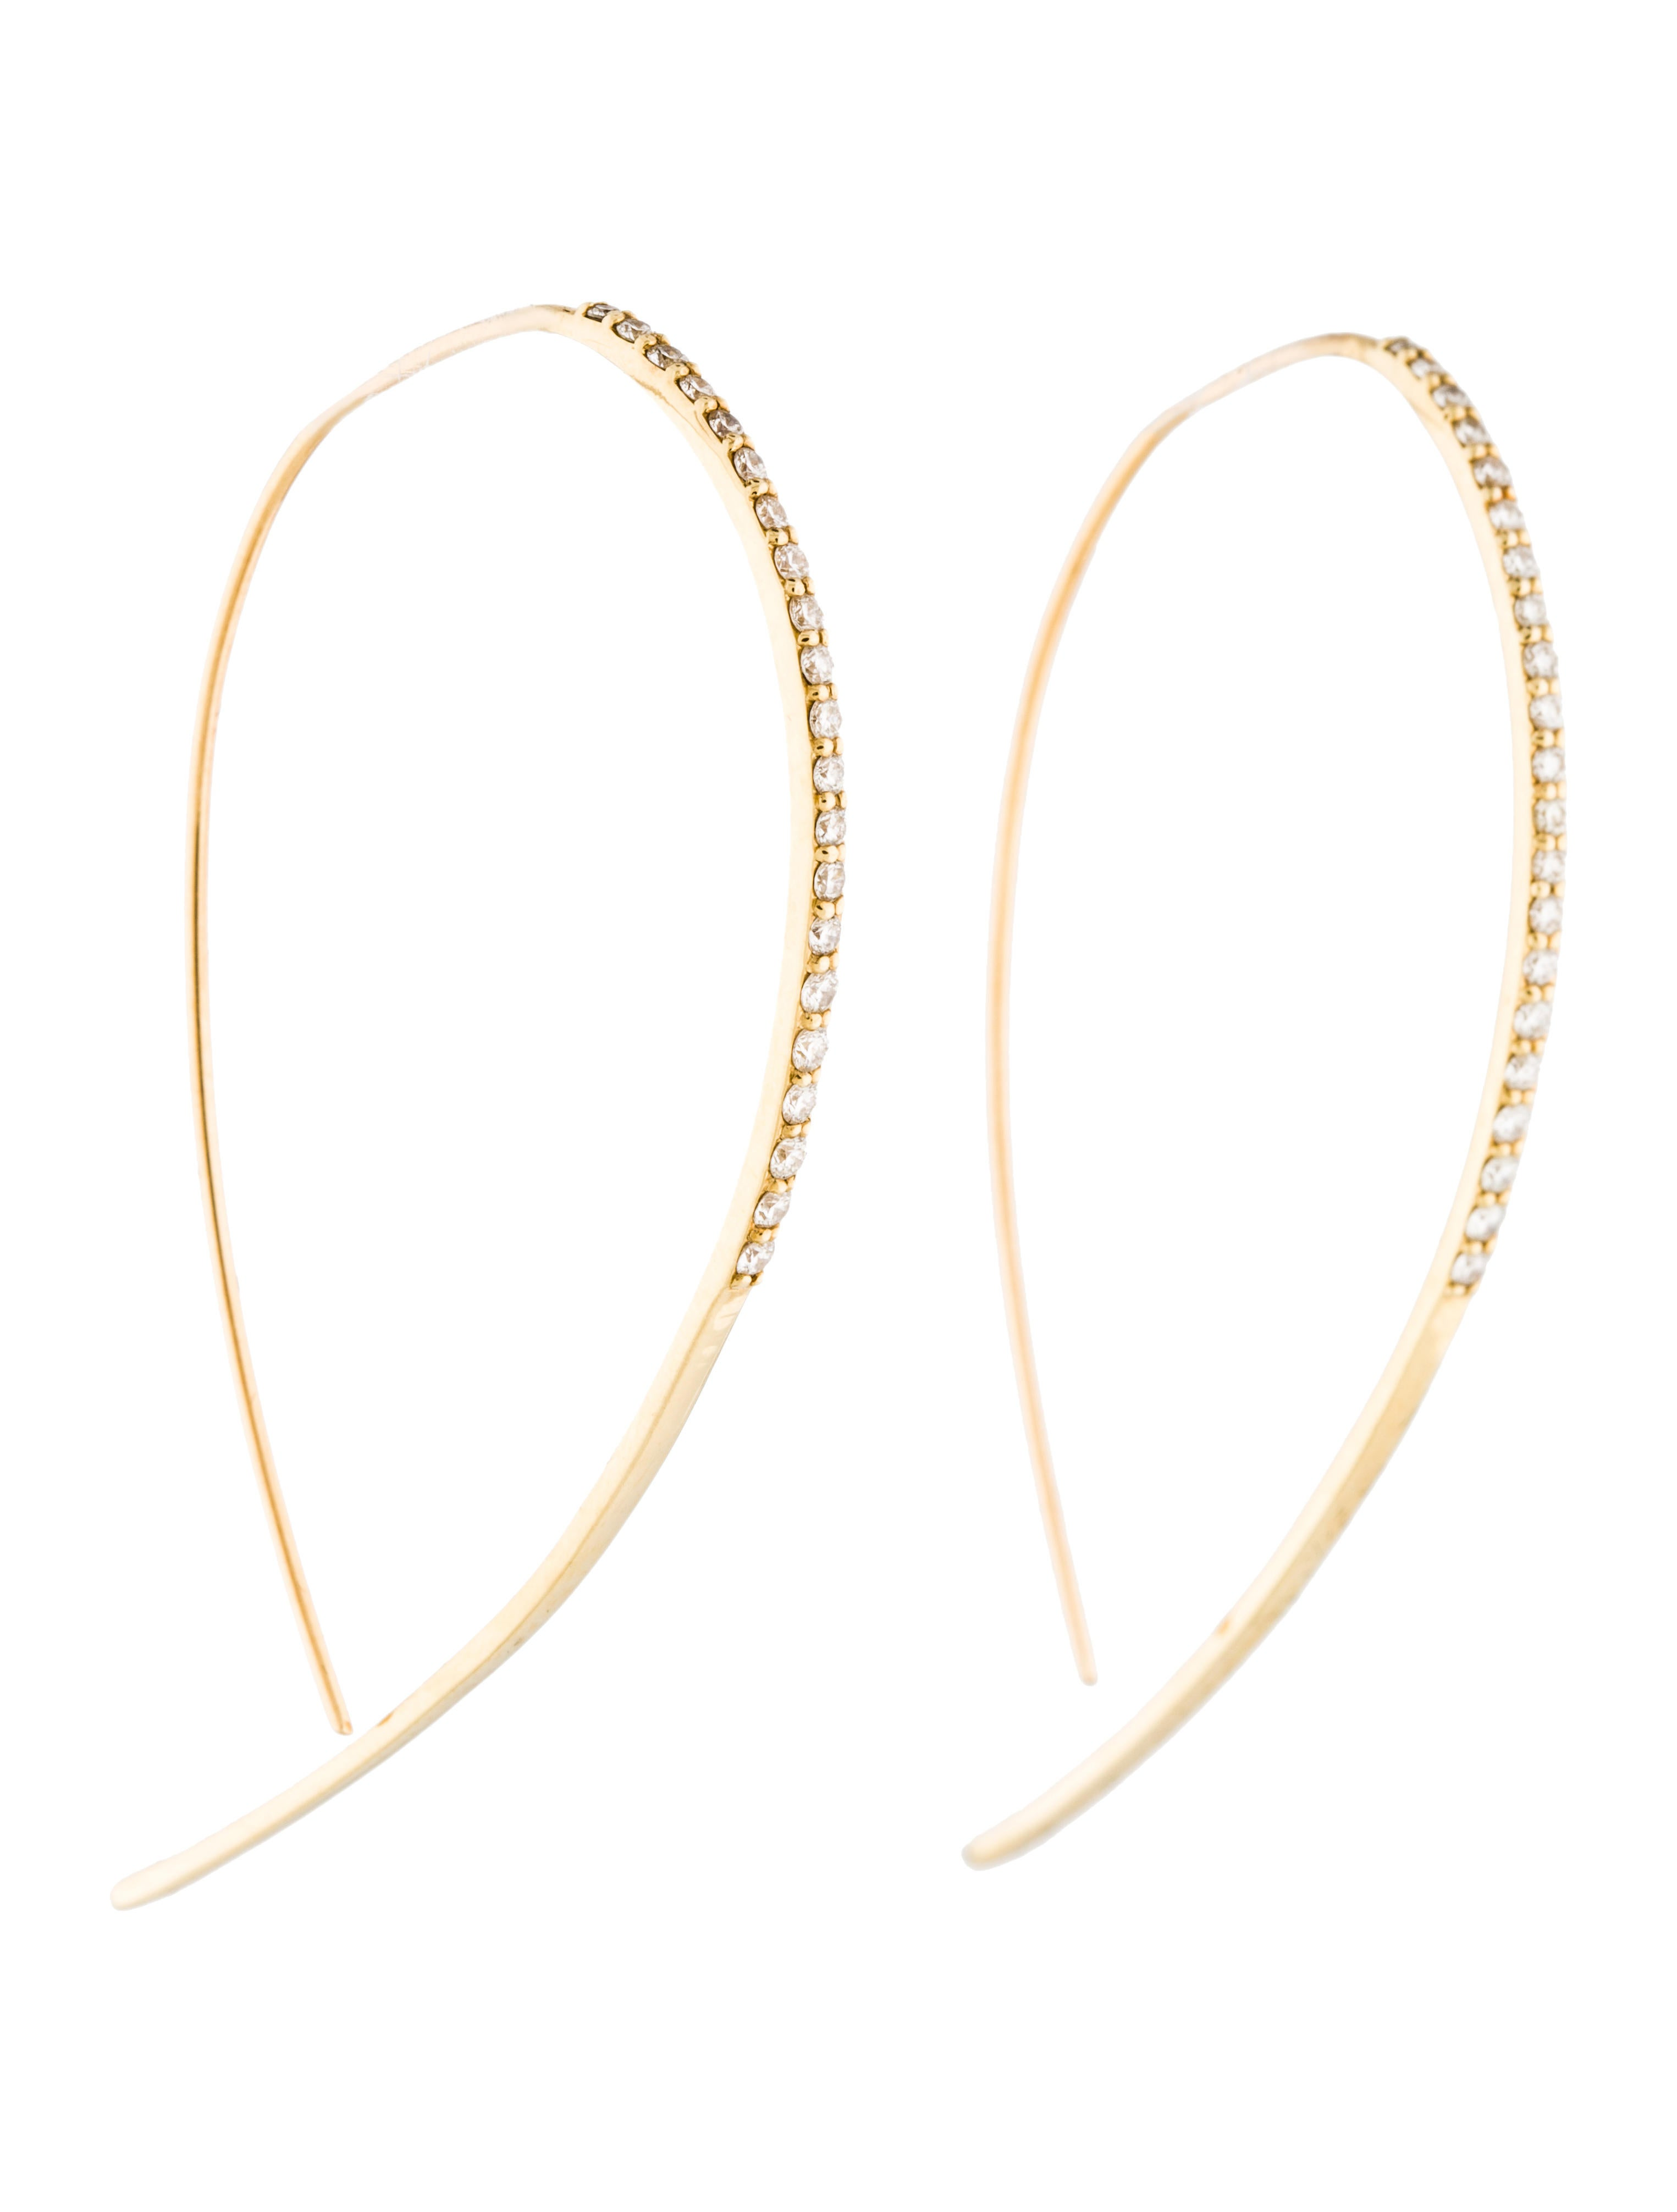 b331a394e6932c Lana Jewelry 14K Diamond Fatale Hooked On Hoop Earrings - Earrings ...